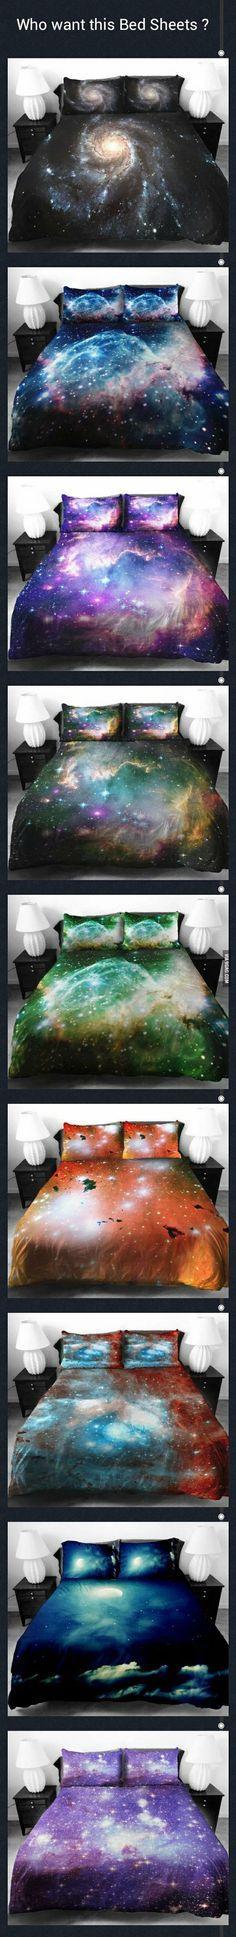 Yo uso unas sábanas del universo.